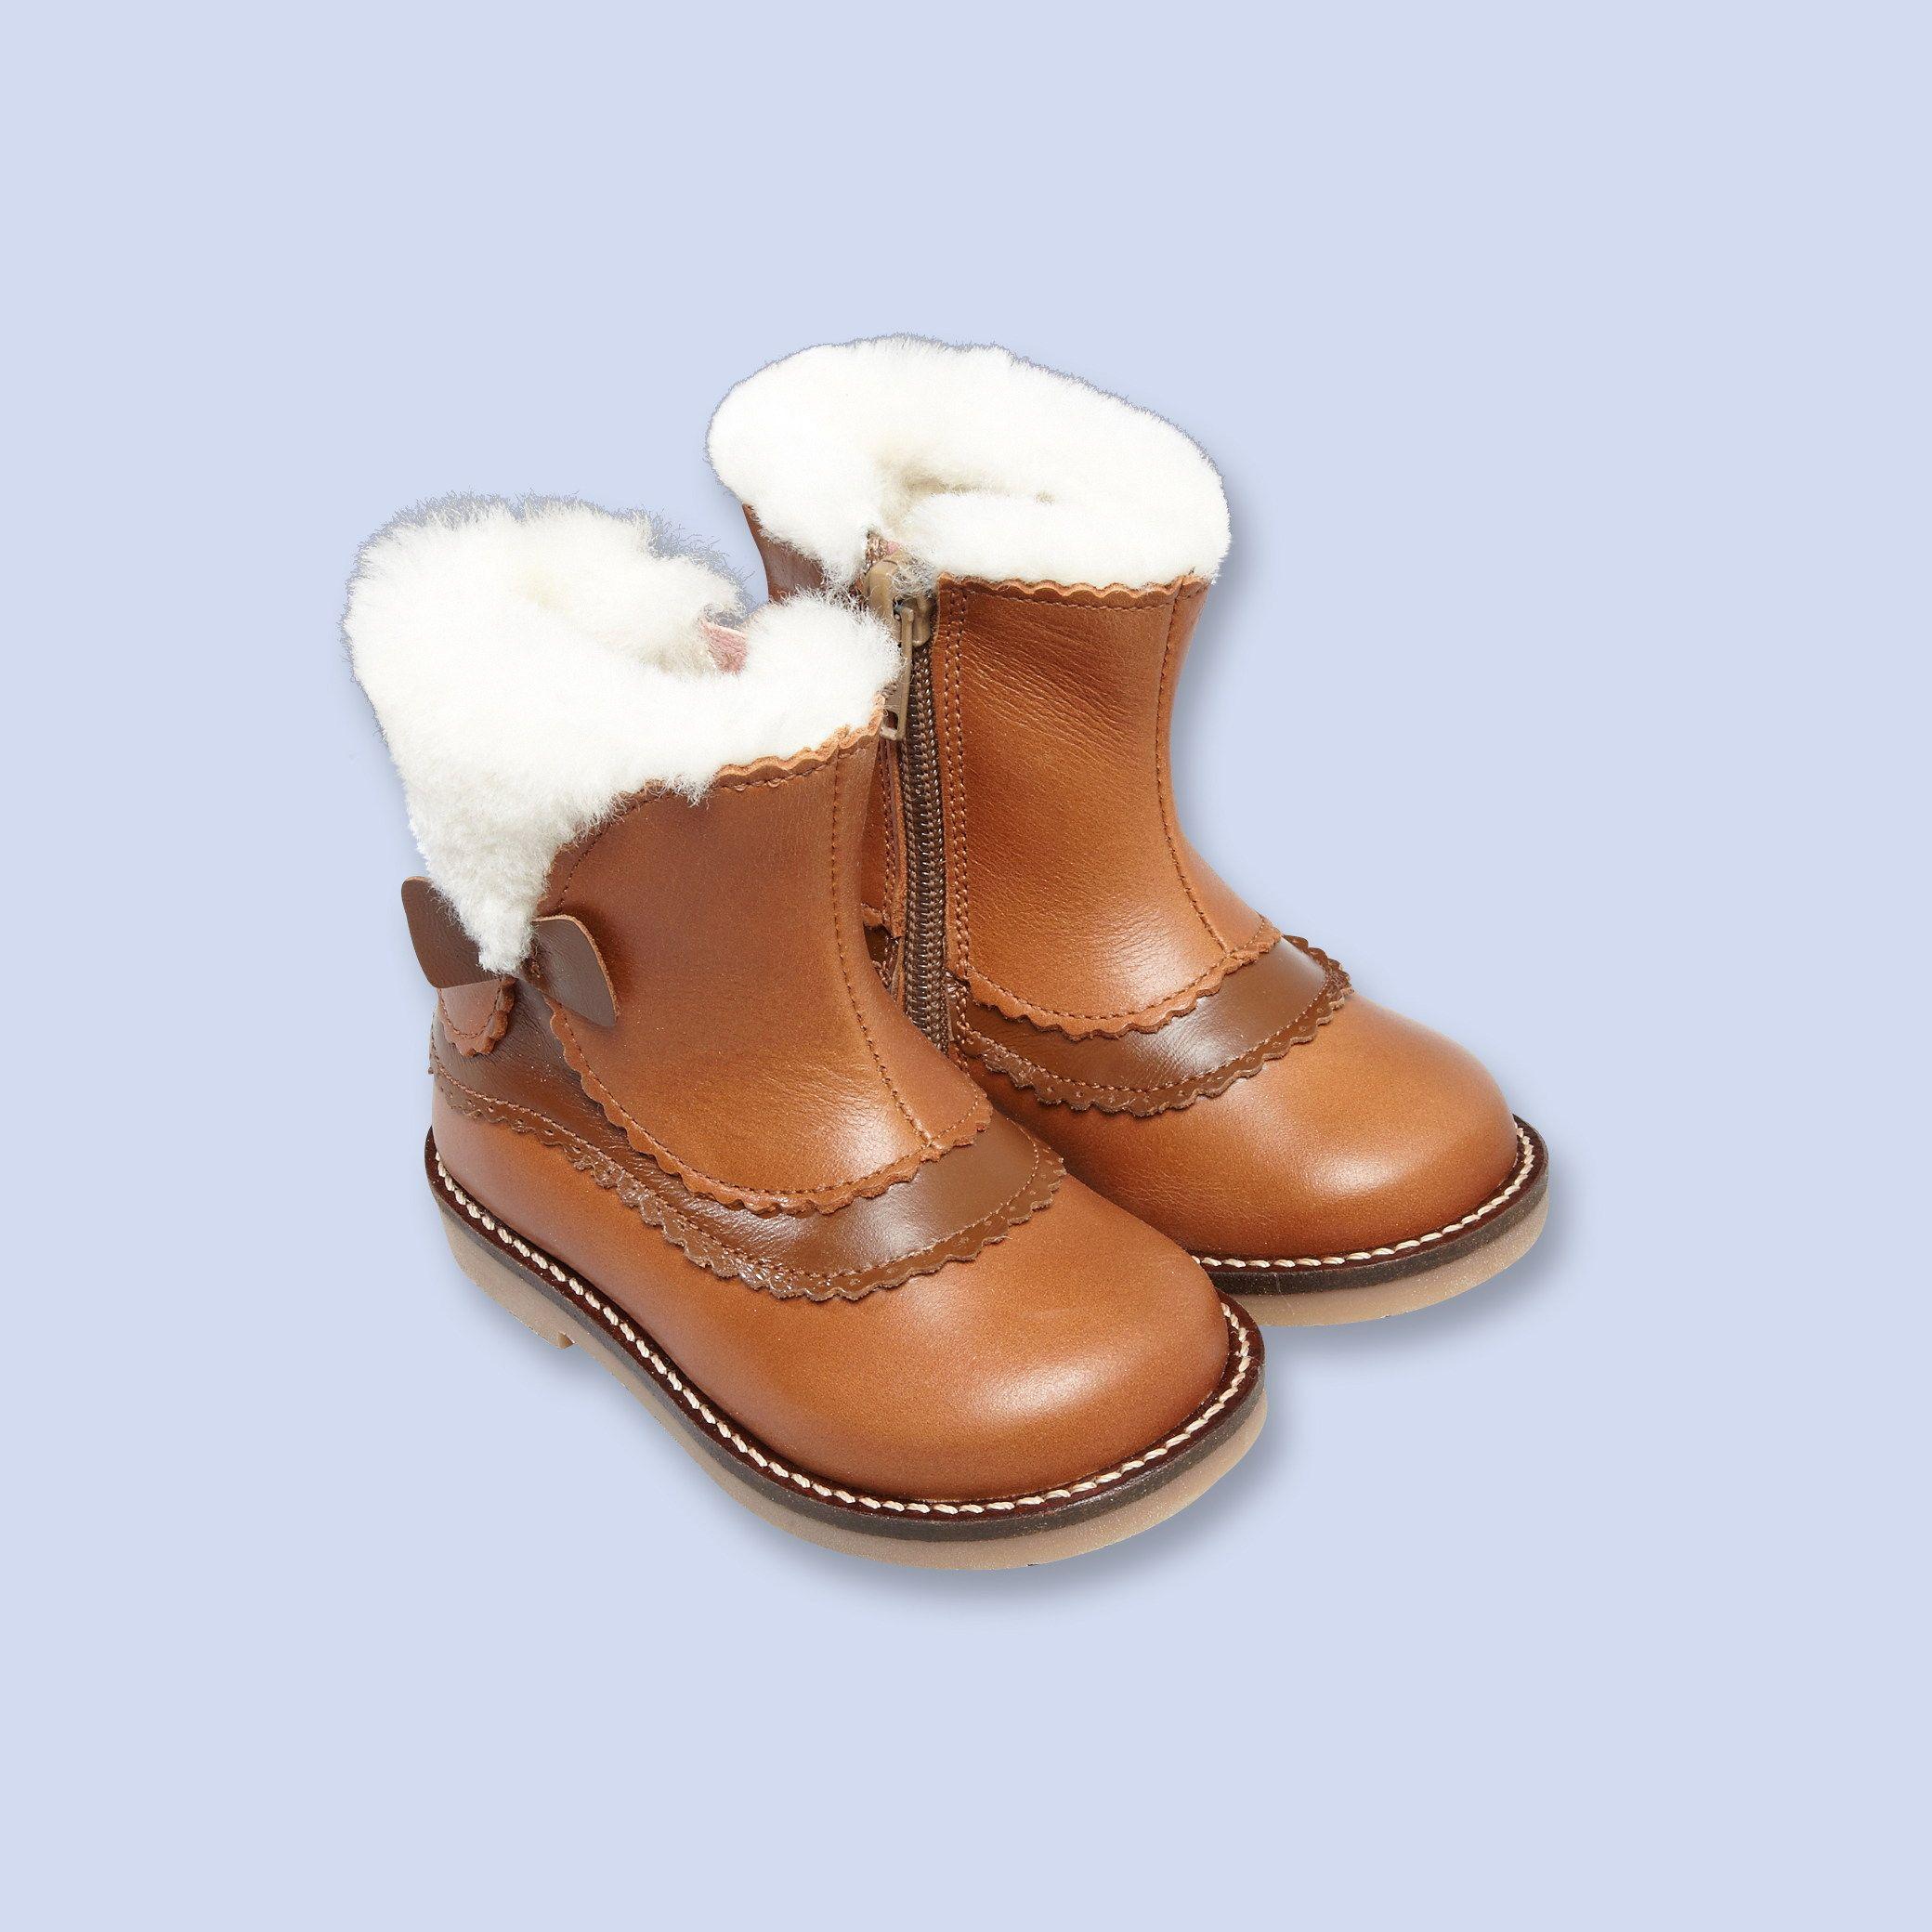 Jacadi Baby Girl Shoes